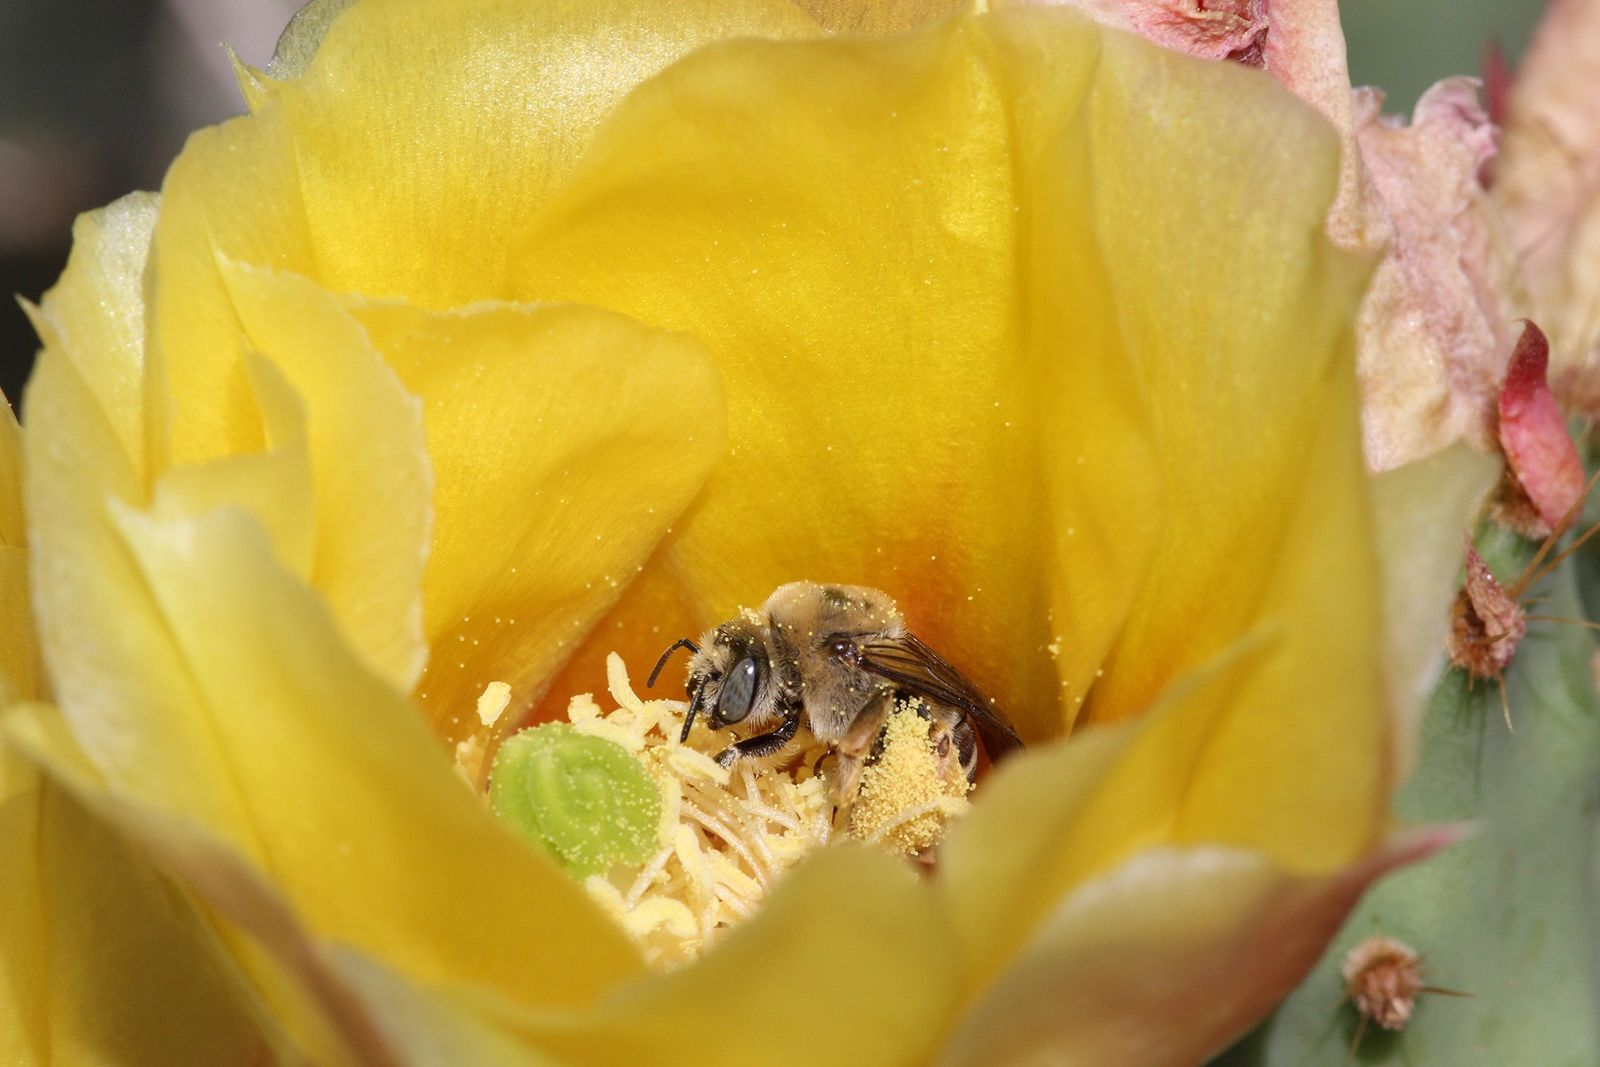 Das Grand Staircase-Escalante National Monument ist die Heimat hunderter Bienenarten, wahrscheinlich aufgrund des vielfältigen Blumenvorkommens. Dieser ...